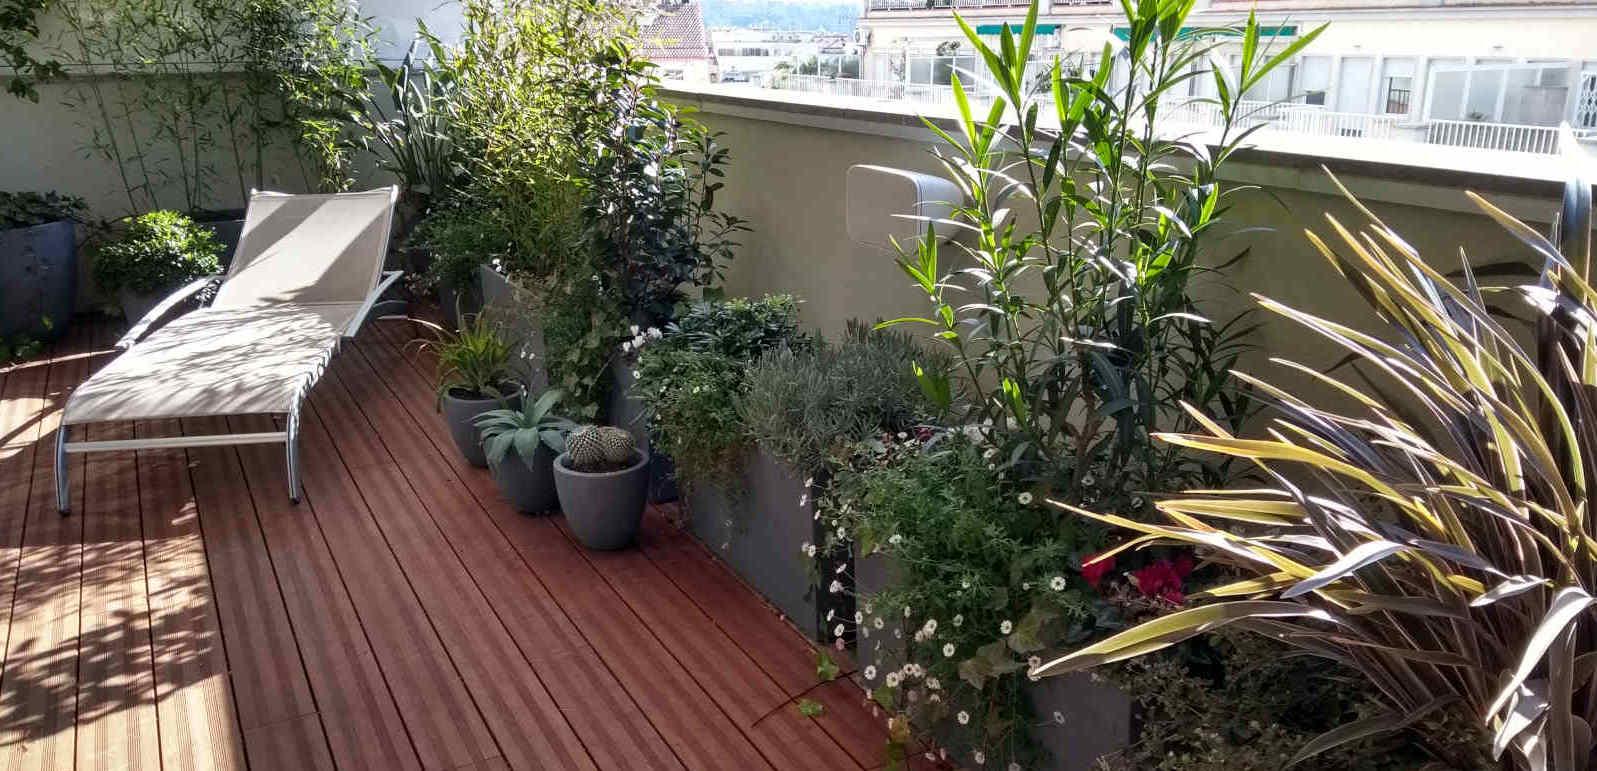 Jardineria en terrasses i balcons a Barcelona